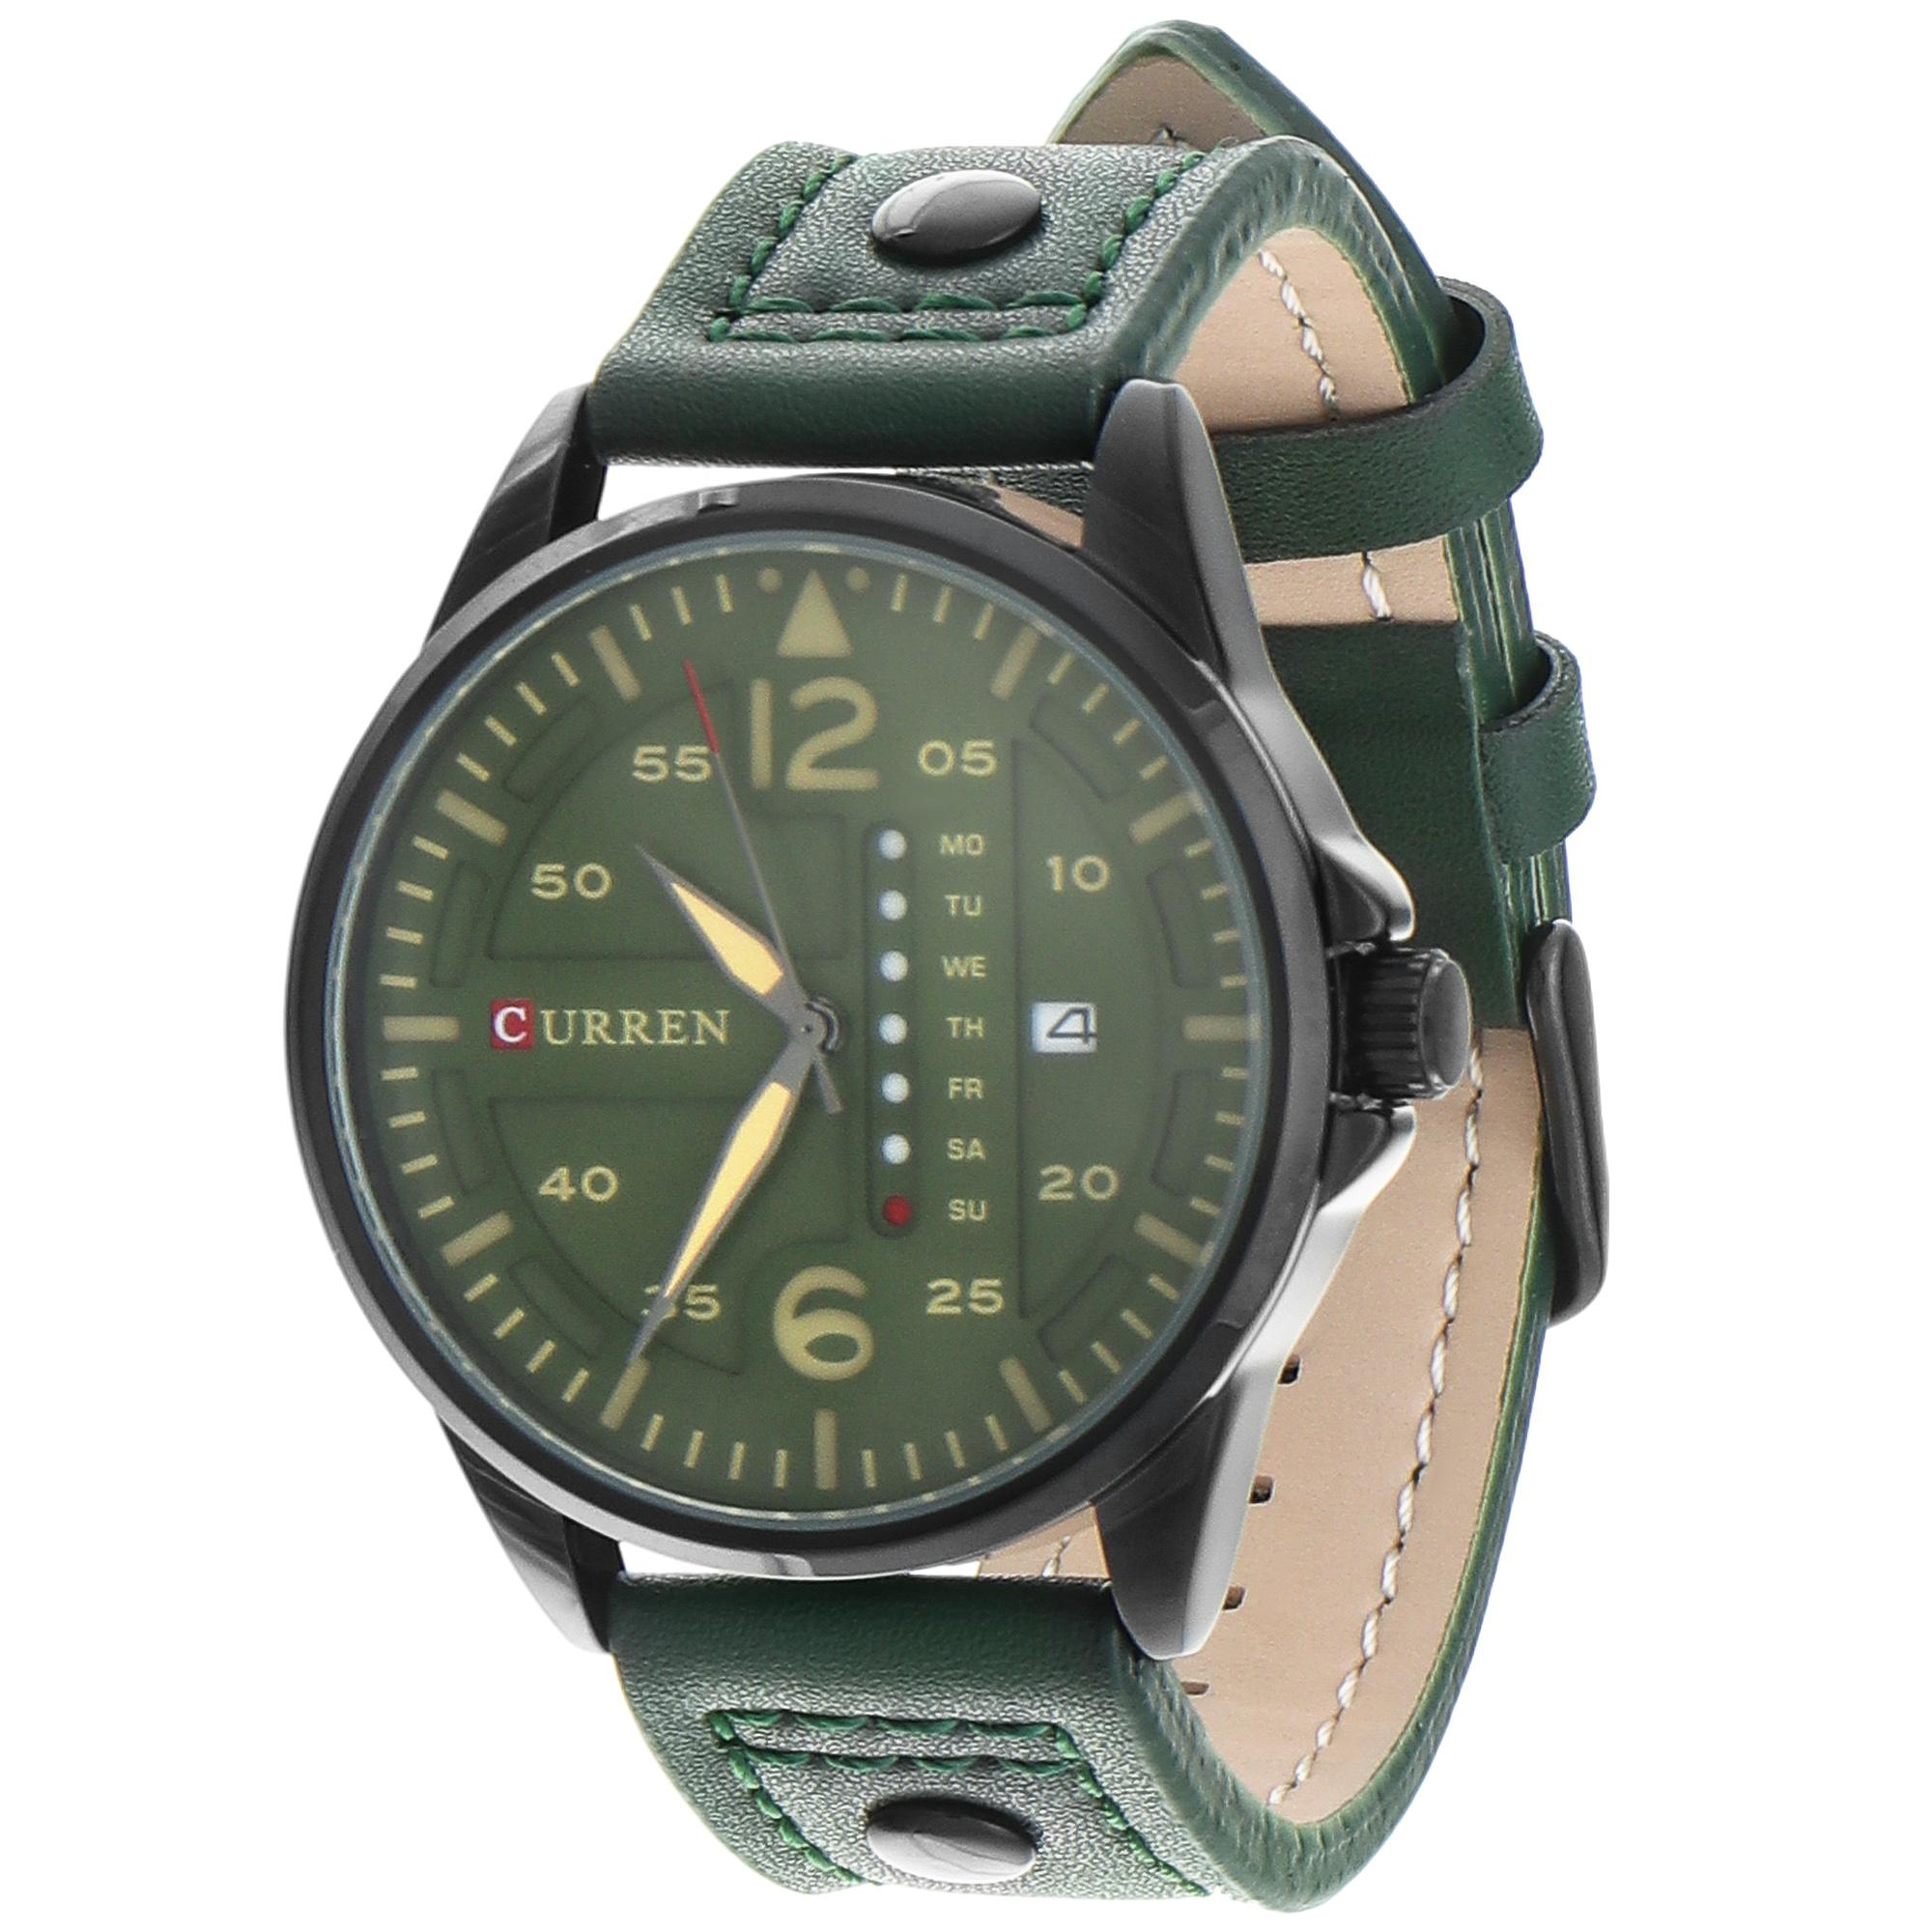 Часы наручные Curren KREA73070107 наручные часы baby watch наручные junior girl 605279